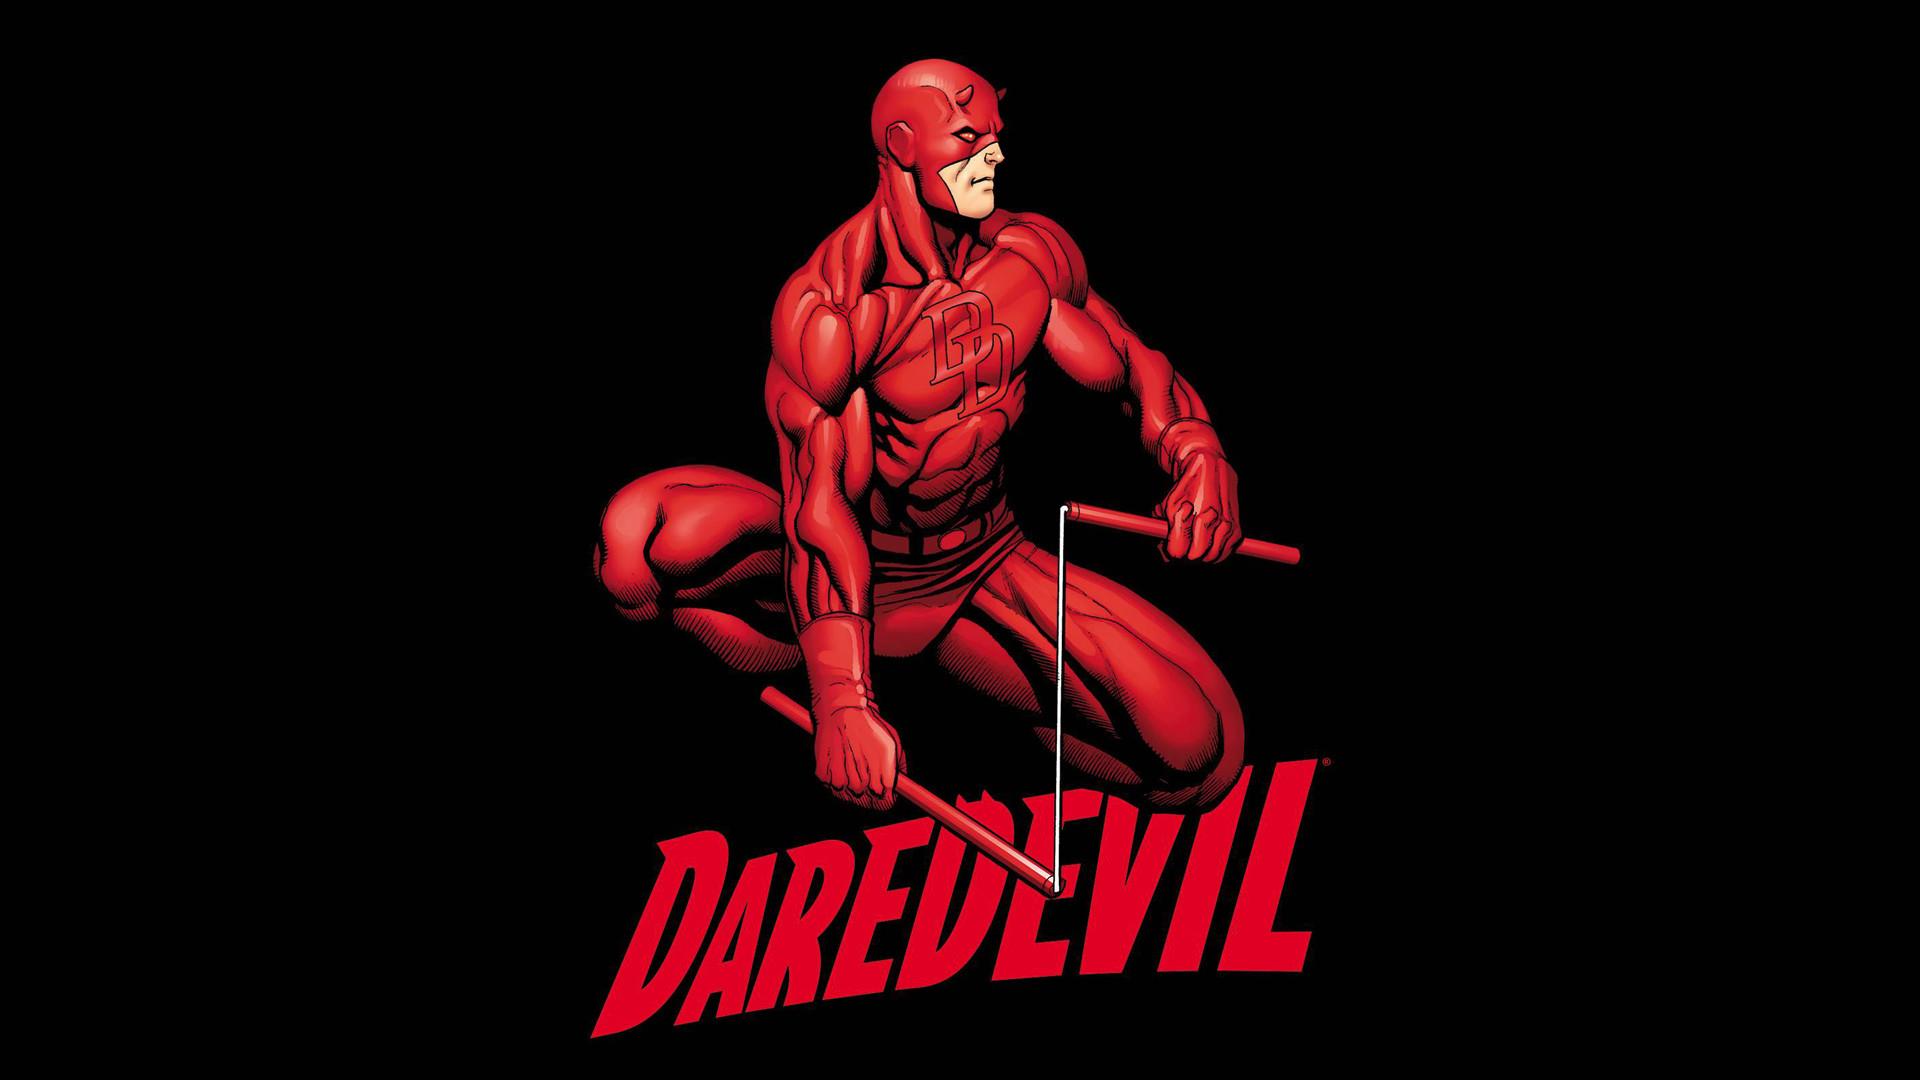 Image Marvel in images album